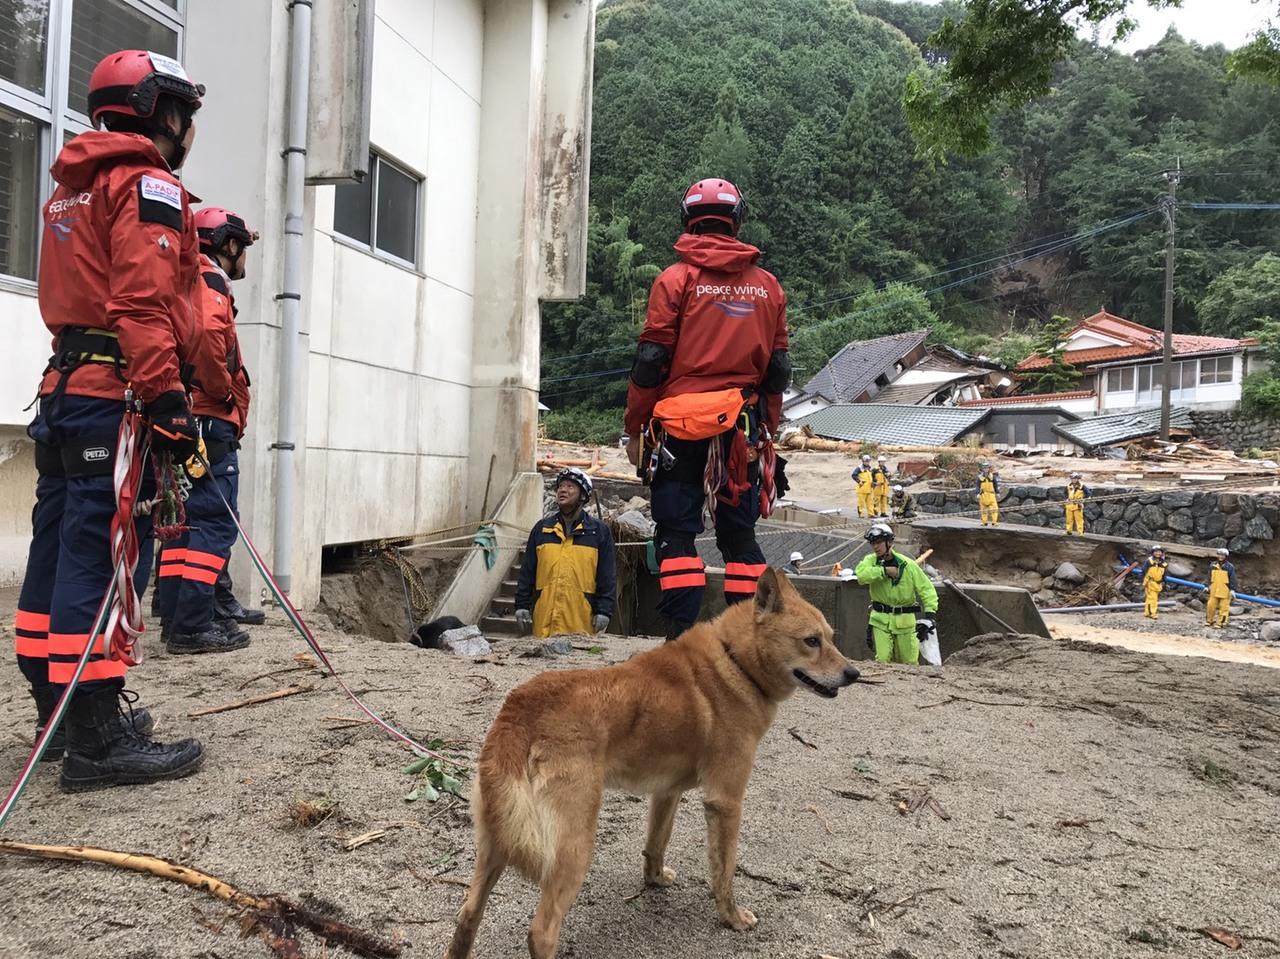 [九州豪雨被災者支援(ピースウィンズ・ジャパン)]の画像